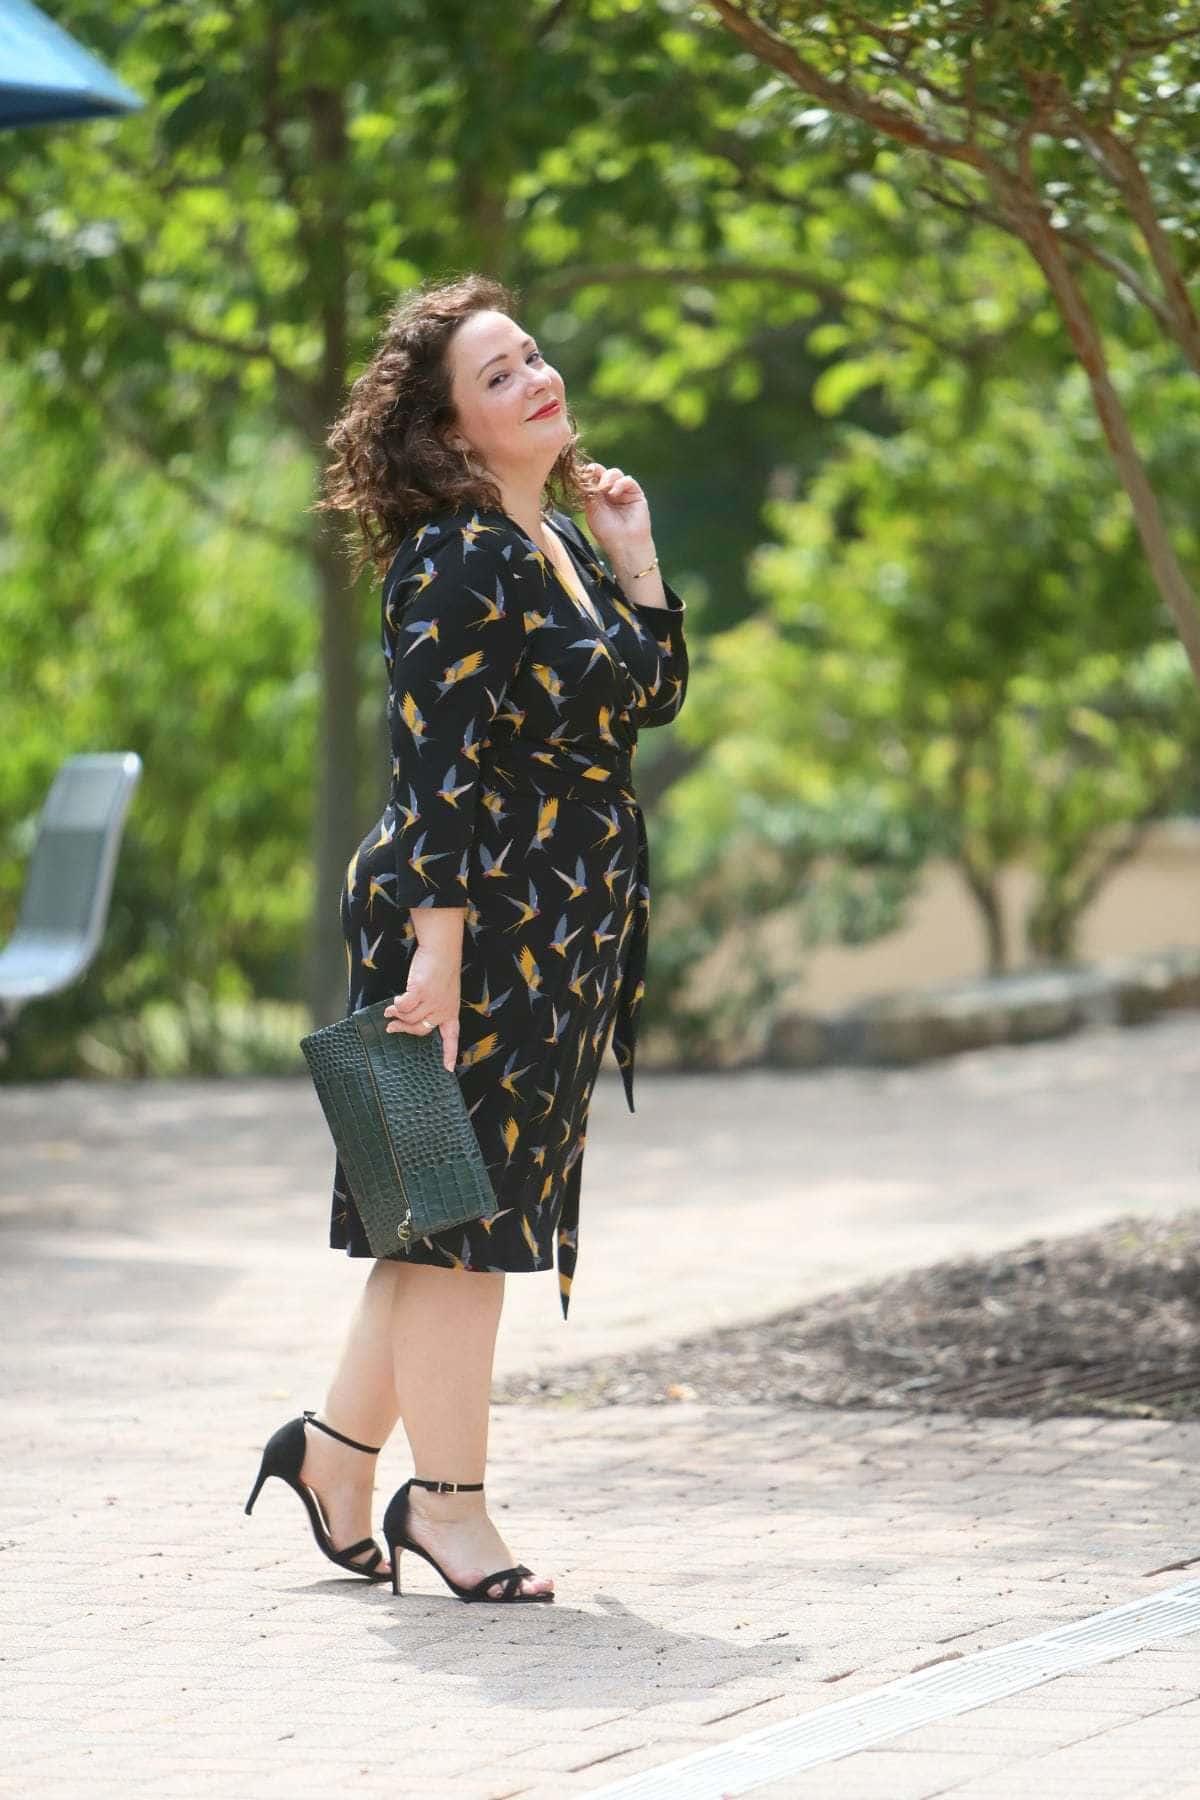 over 40 fashion blogger wardrobe oxygen in gwynnie bee